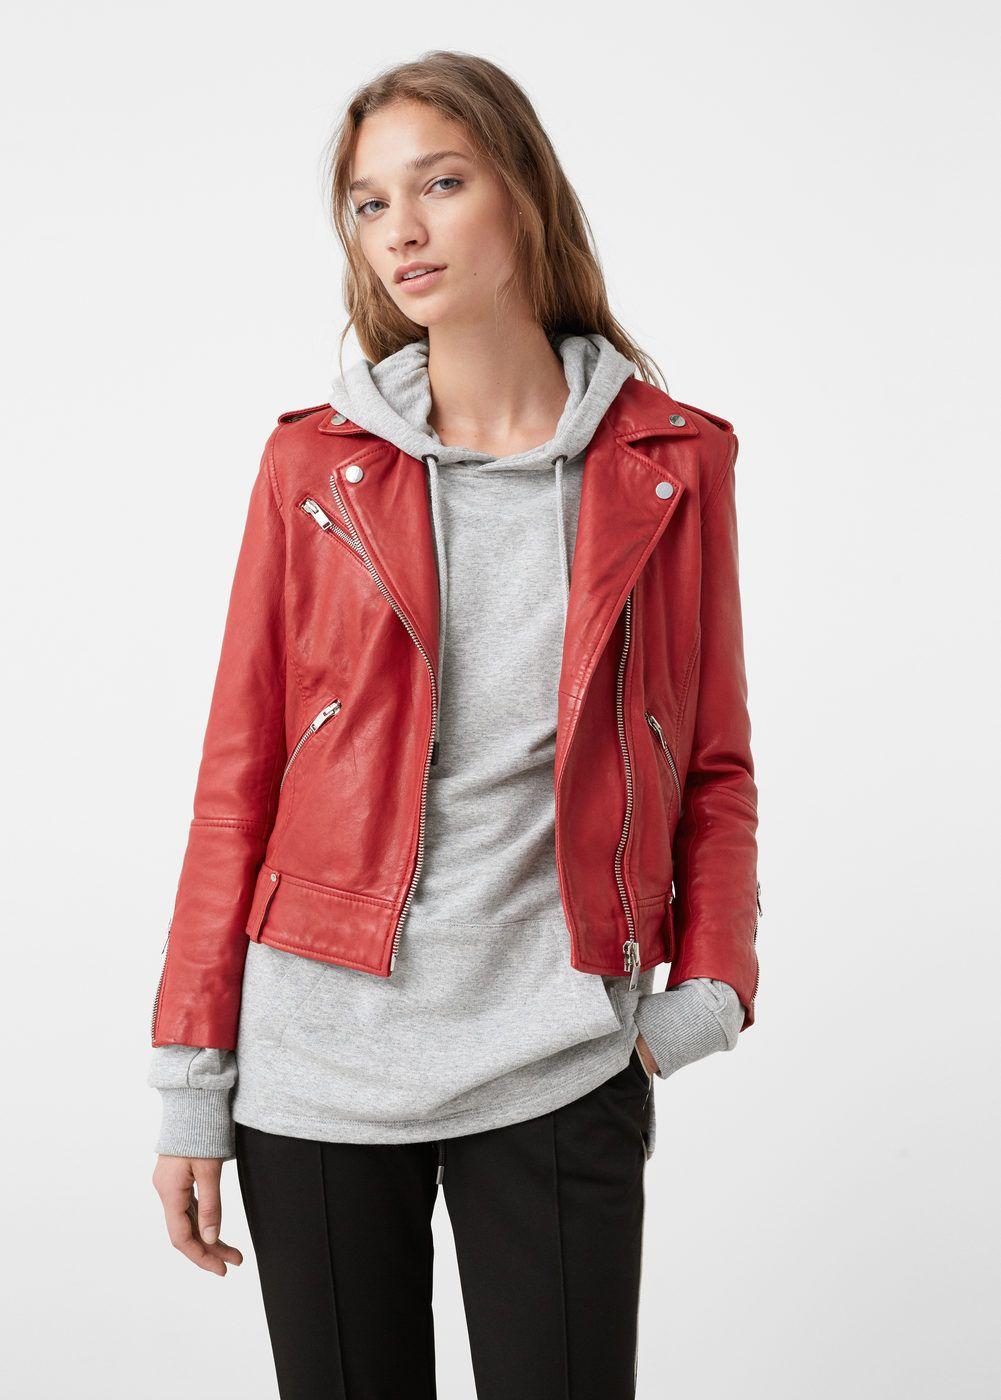 Leather biker jacket Women Leather biker jackets